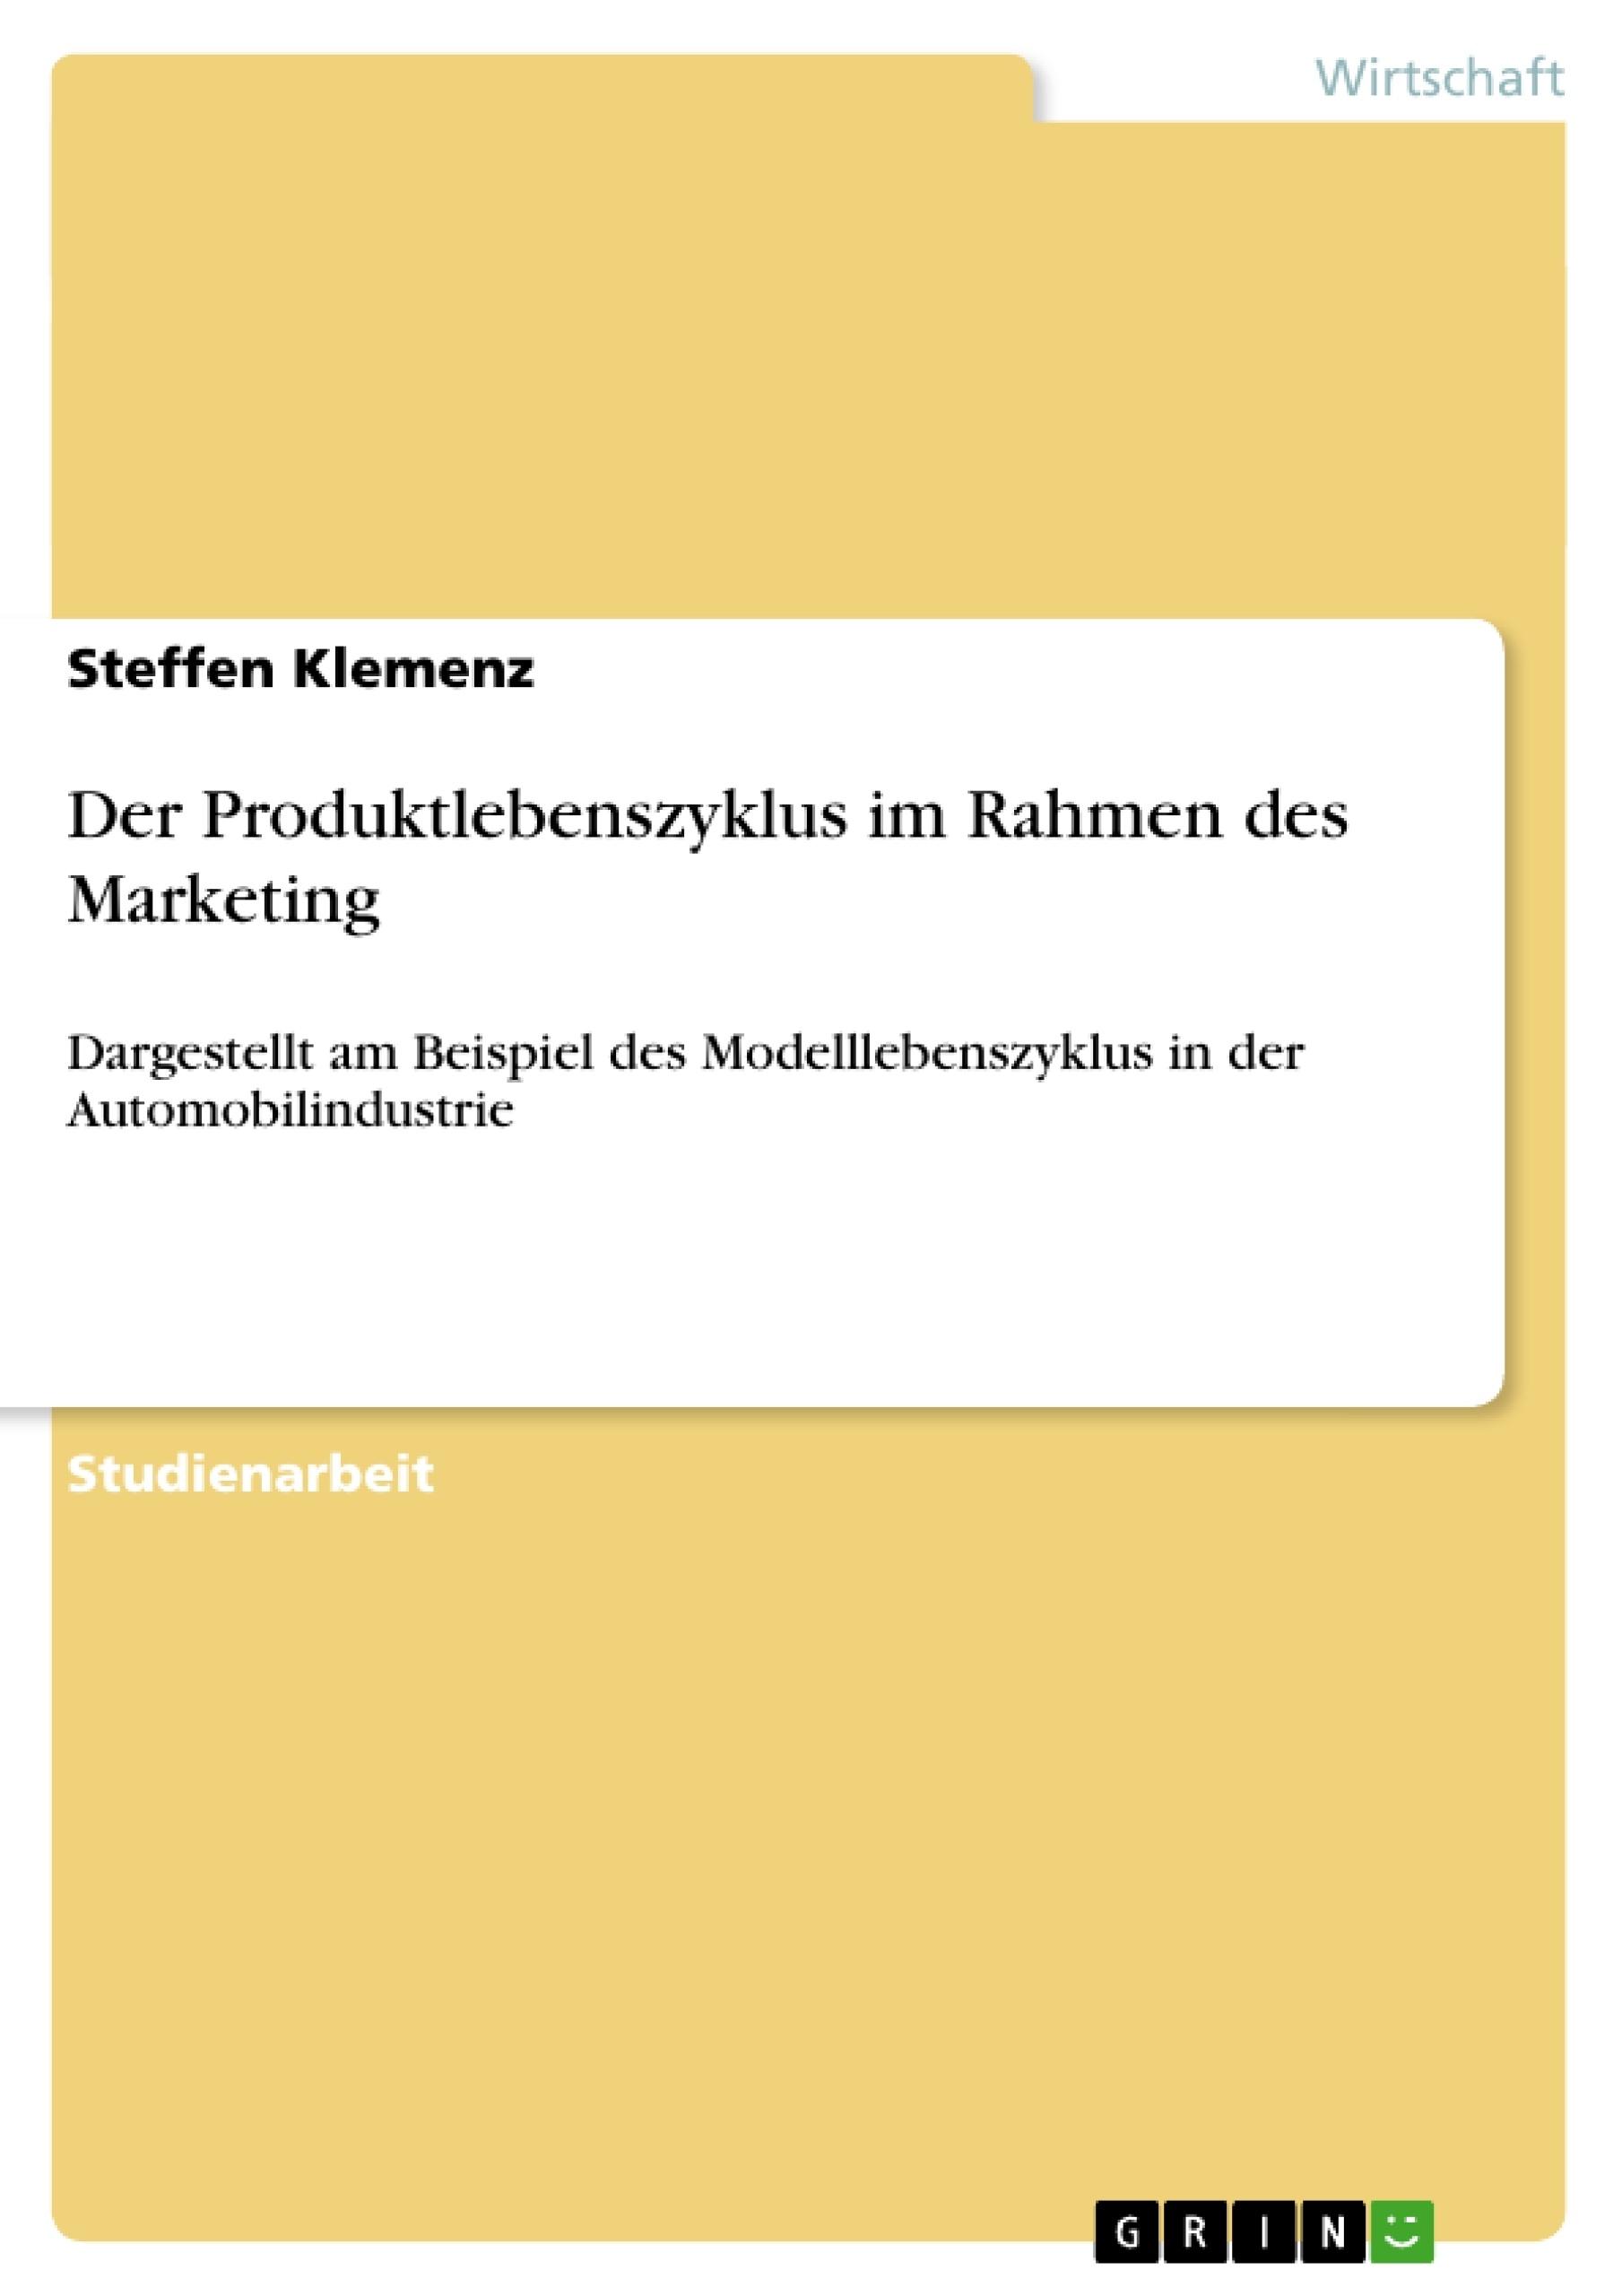 Titel: Der Produktlebenszyklus im Rahmen des Marketing